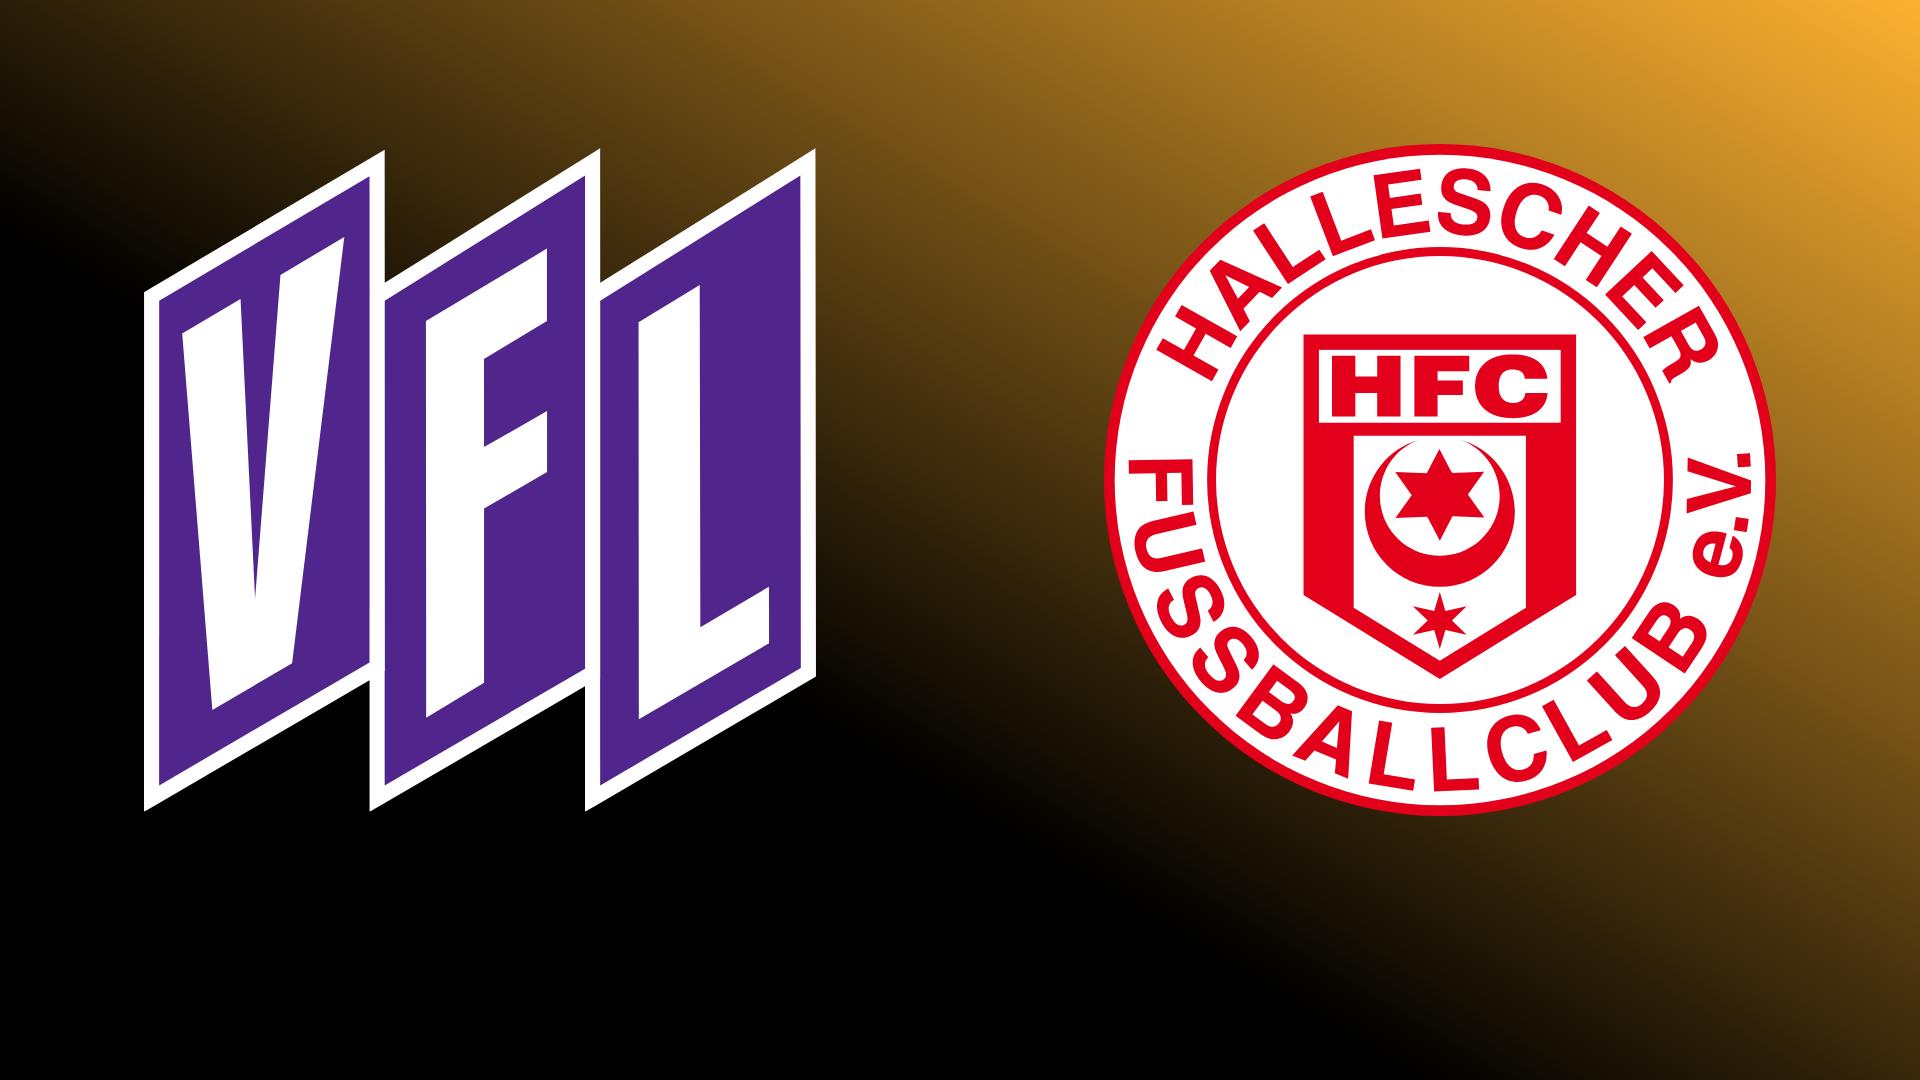 VfL Osnabrück - Hallescher FC 22.10.2021 um 18:30 Uhr auf Magenta Sport